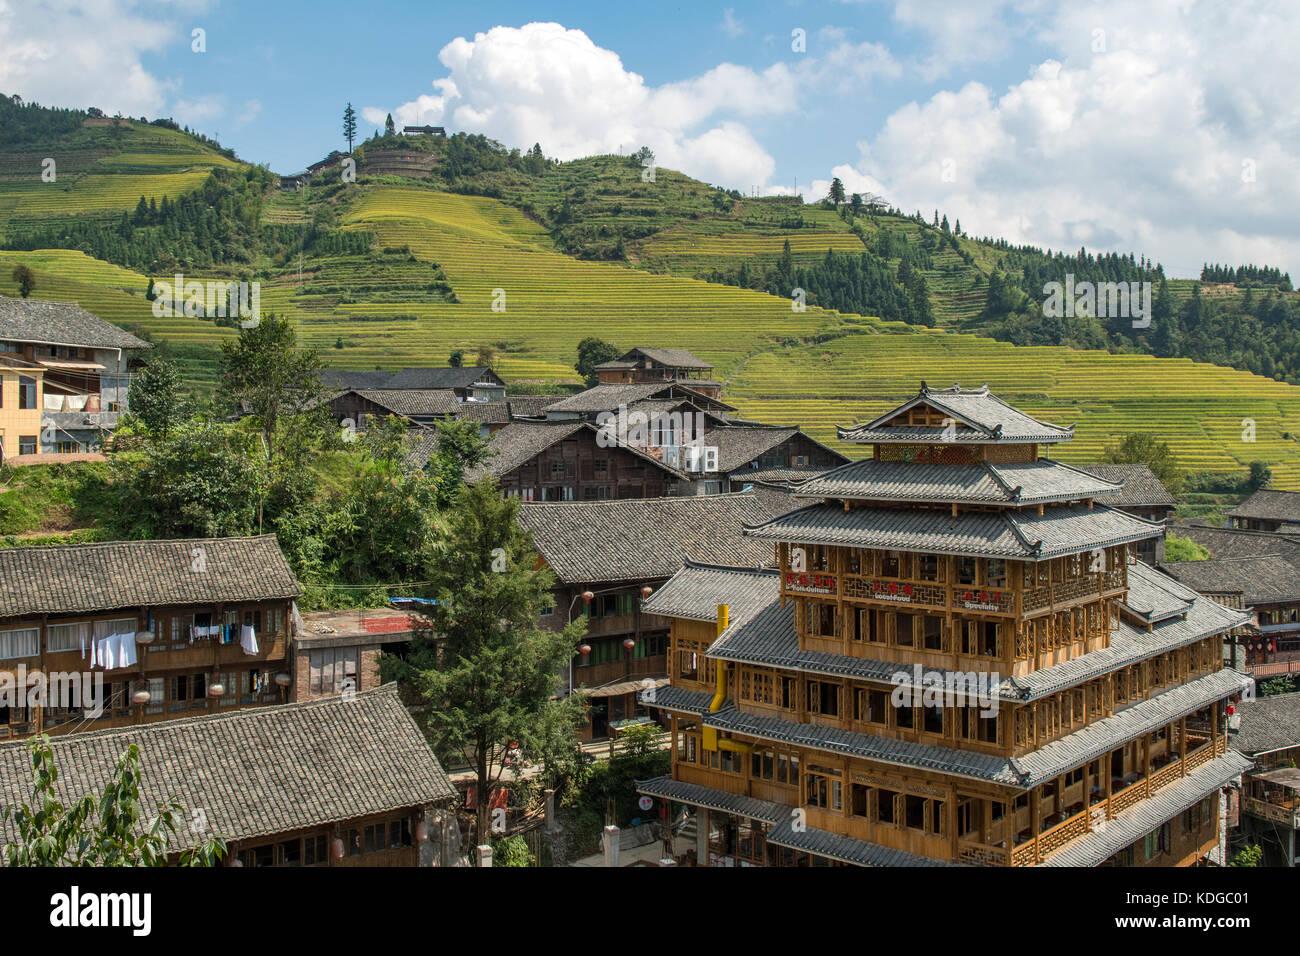 Ping'an zhuang vieux village, terrasse, longsheng longji, Guangxi, Chine Photo Stock